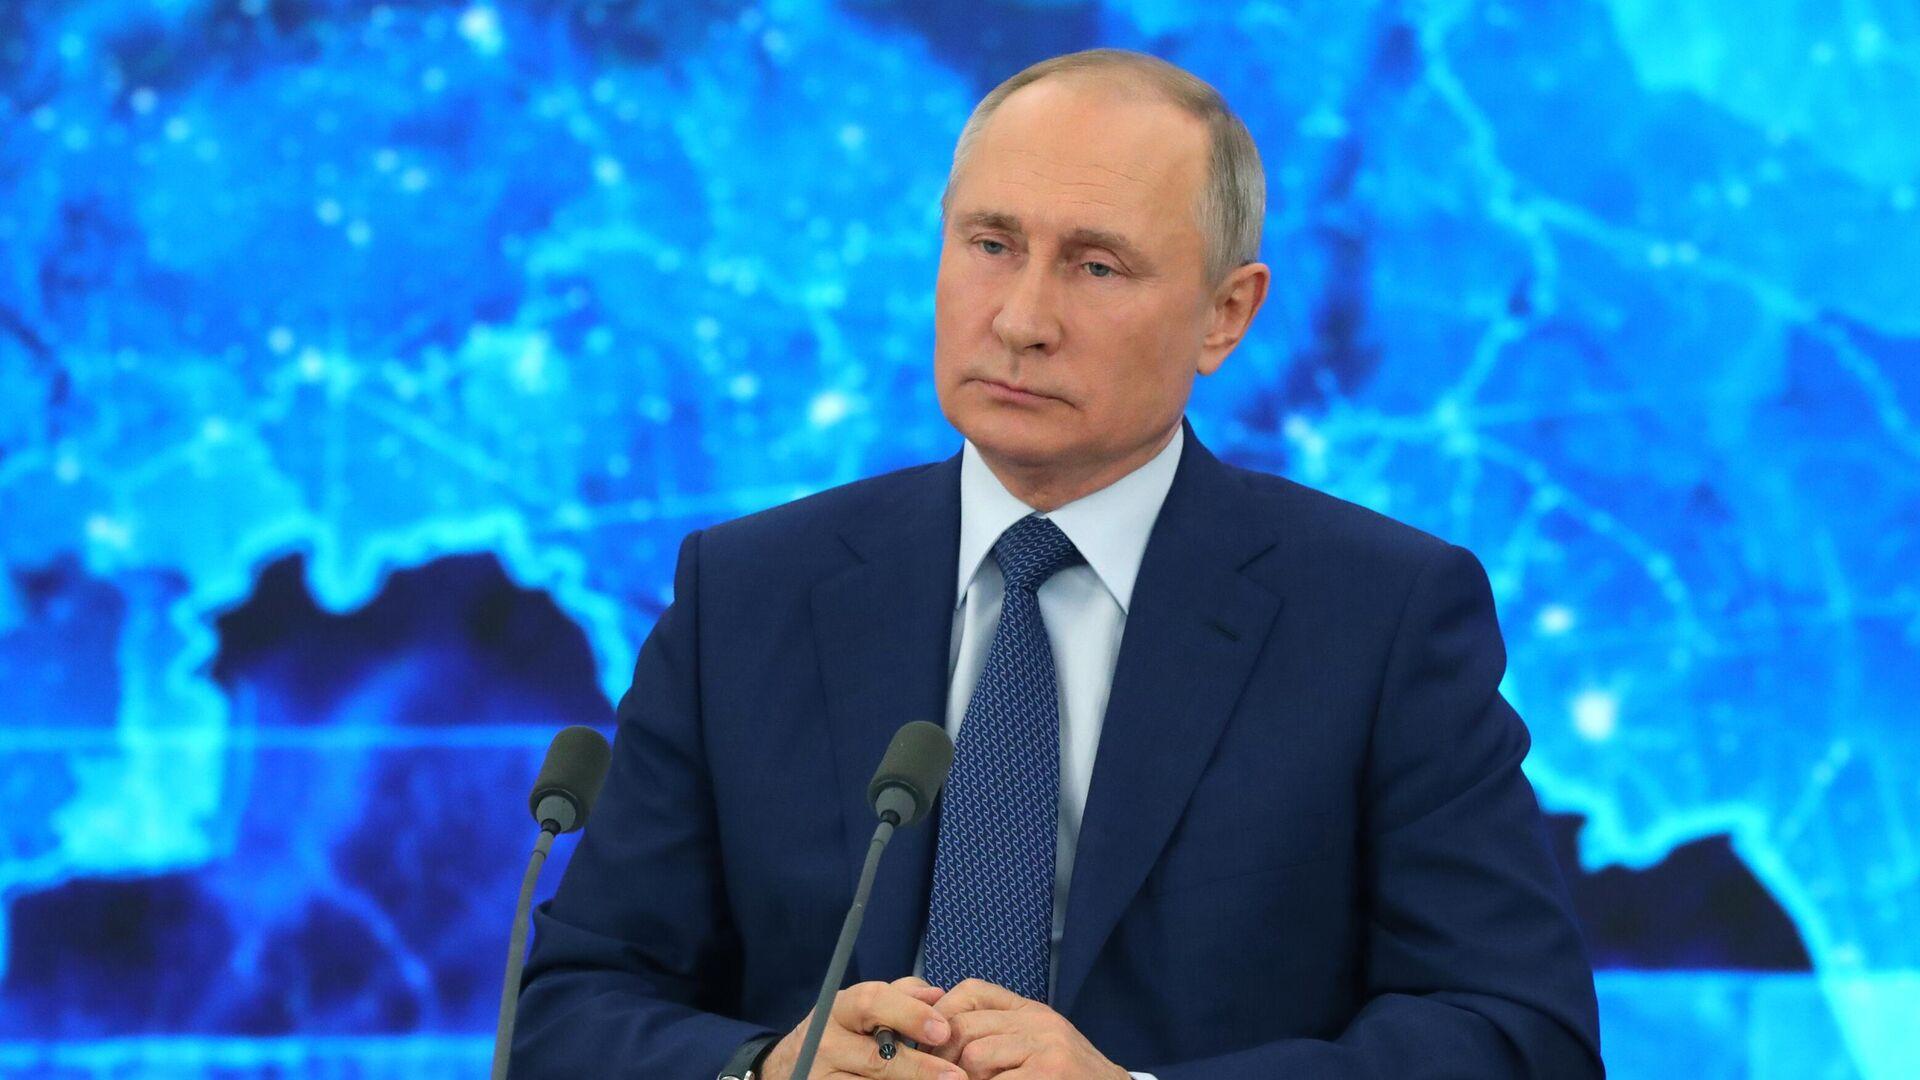 Президент РФ Владимир Путин на большой ежегодной пресс-конференции в режиме видеоконференции - РИА Новости, 1920, 17.12.2020